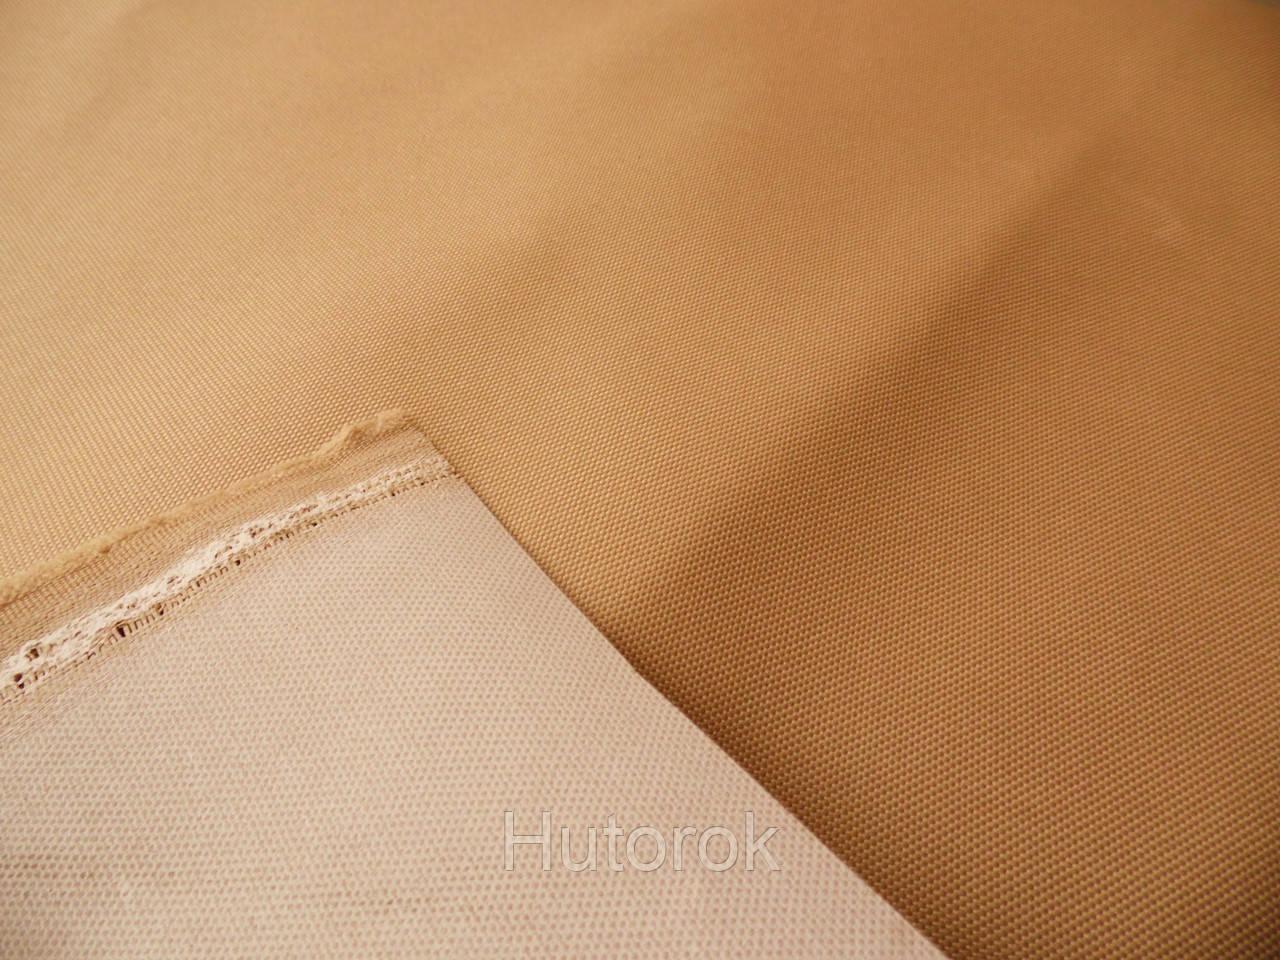 Палаточная ткань ПВХ D310 (бежевый)